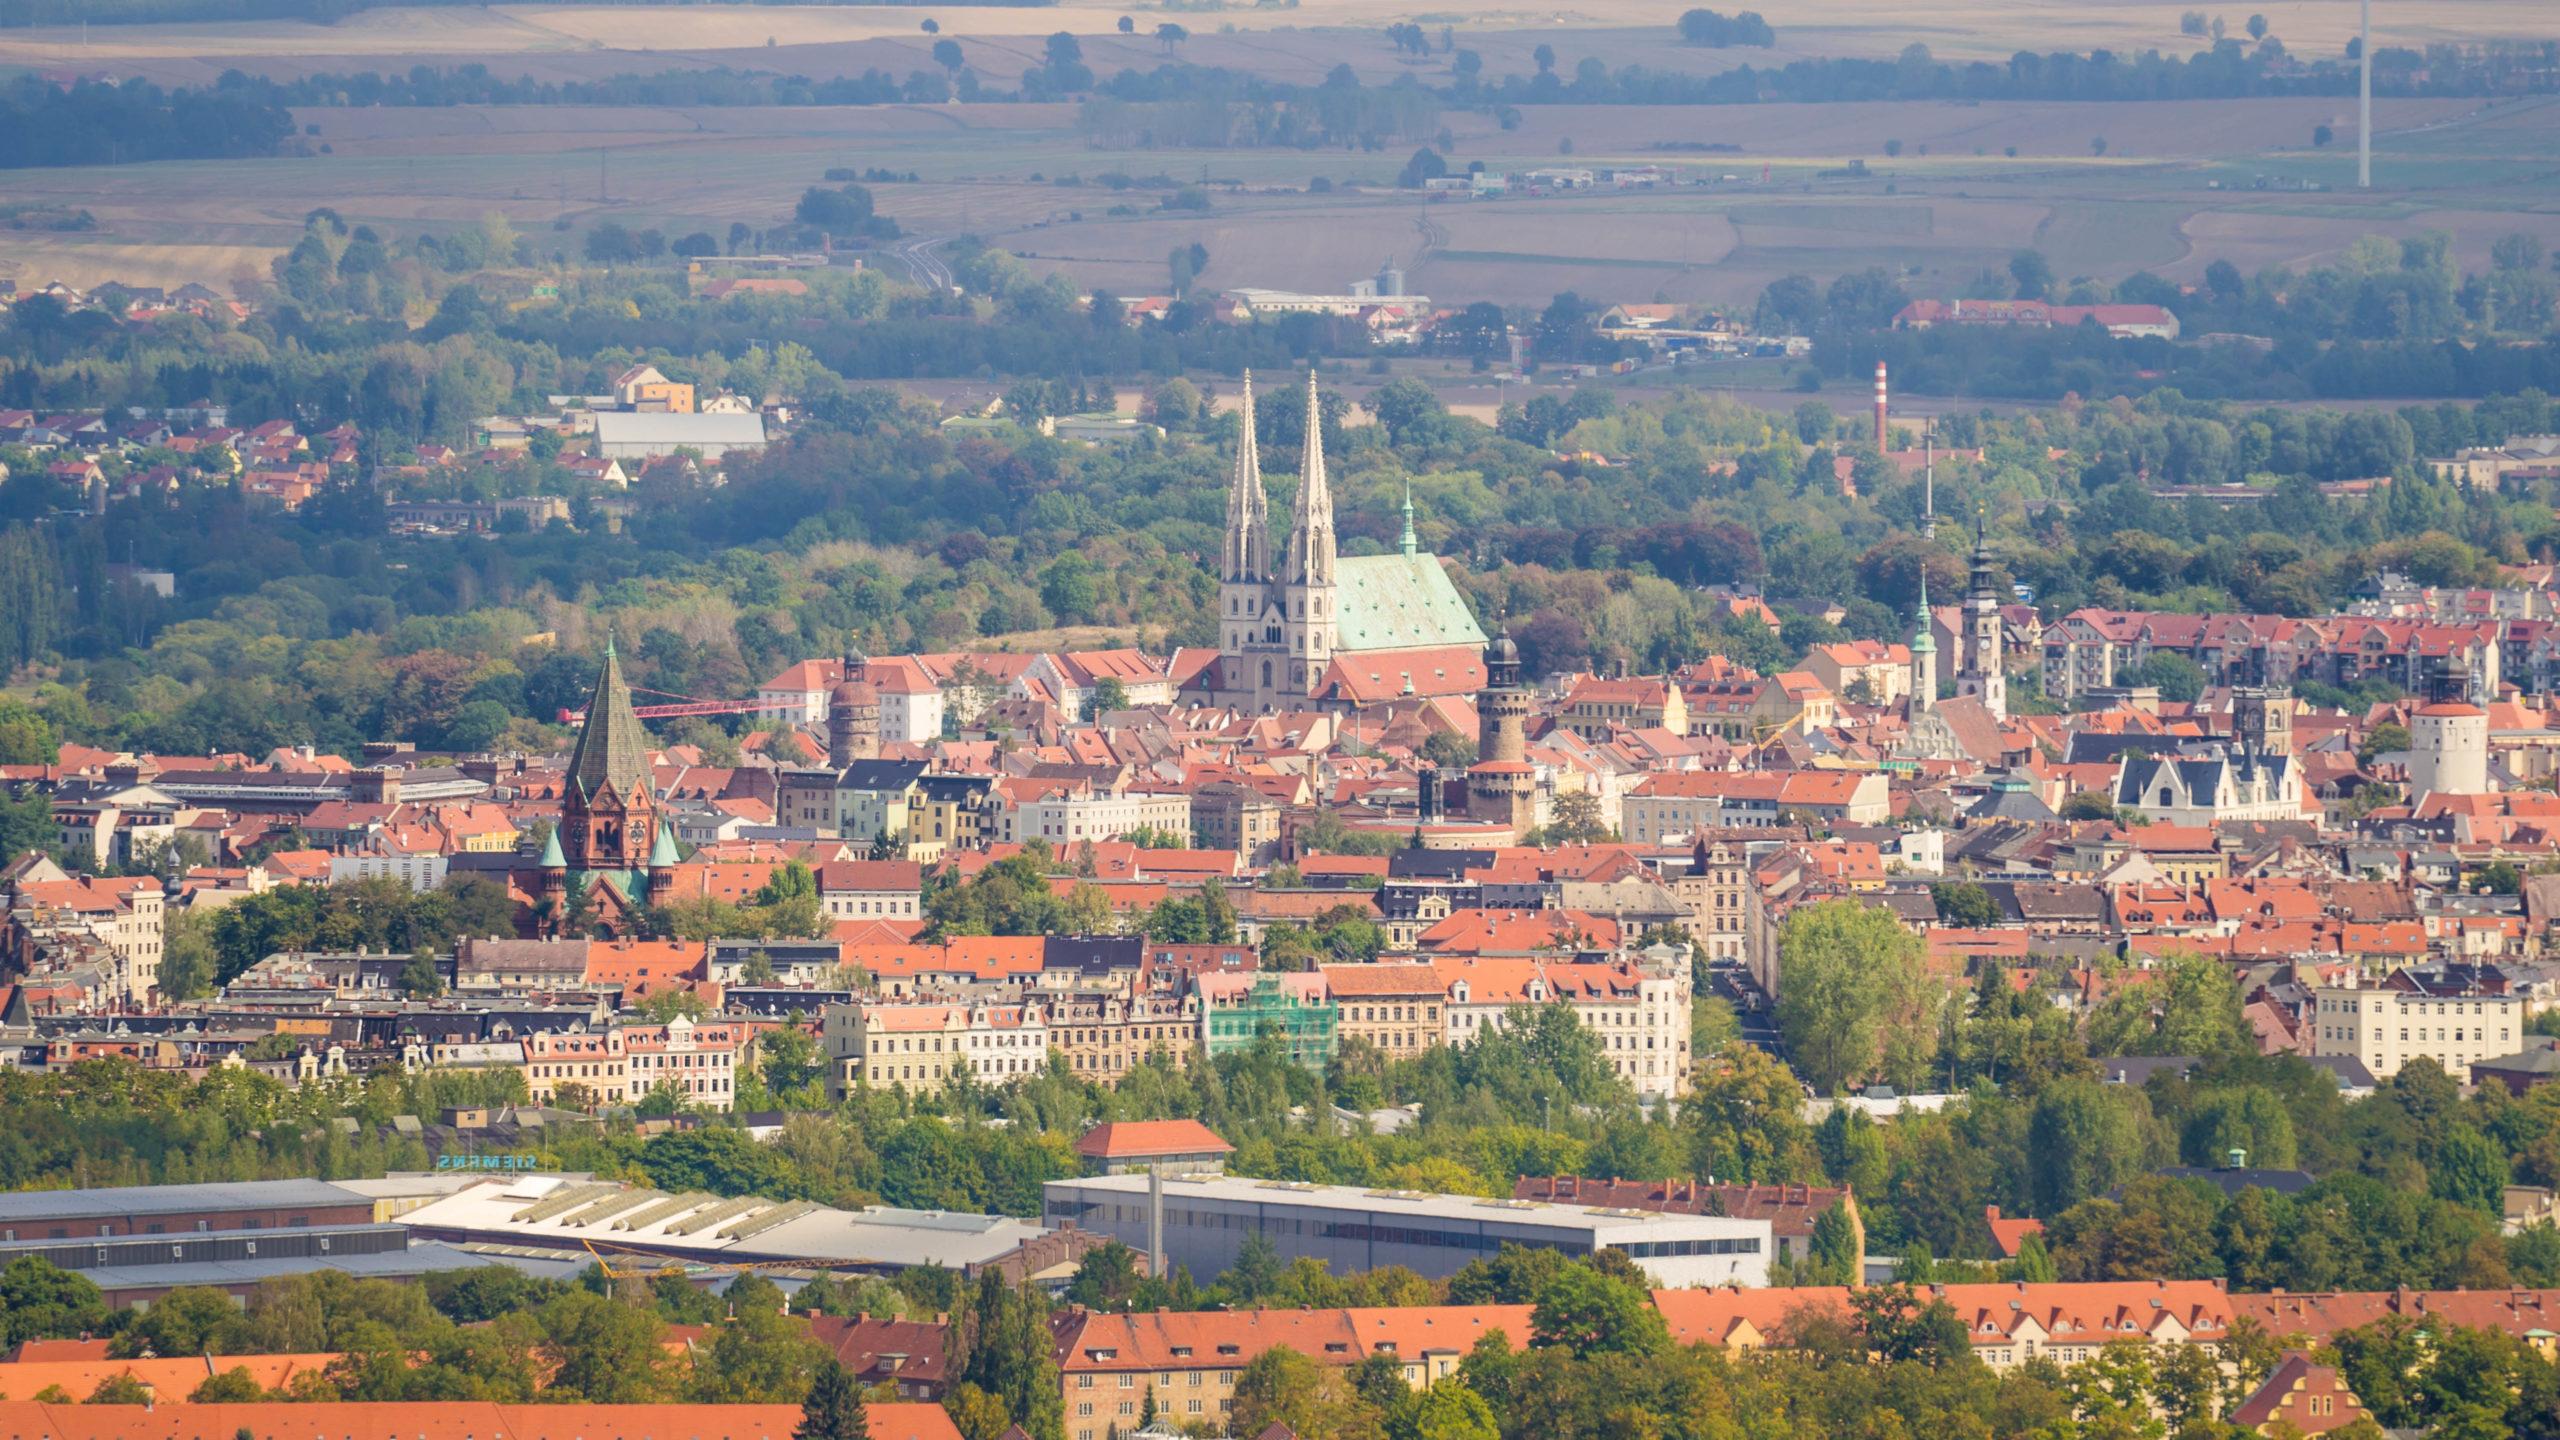 Görlitz, Stadtzentrum, Blick von der Landeskrone